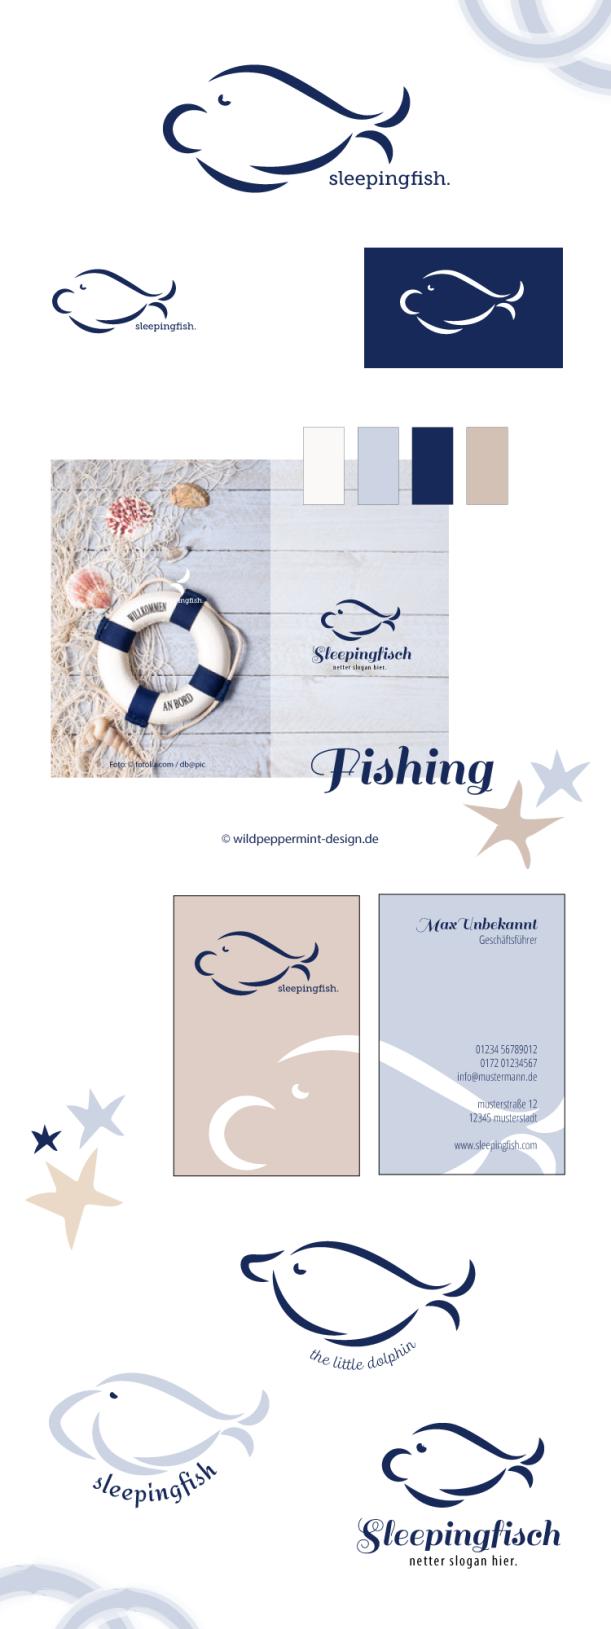 Logo Entwürfe Maritim Fisch, freie Logoentwürfe, Symbol Fisch, Logo mit Fisch, Nordisch, wildpeppermint-design.de